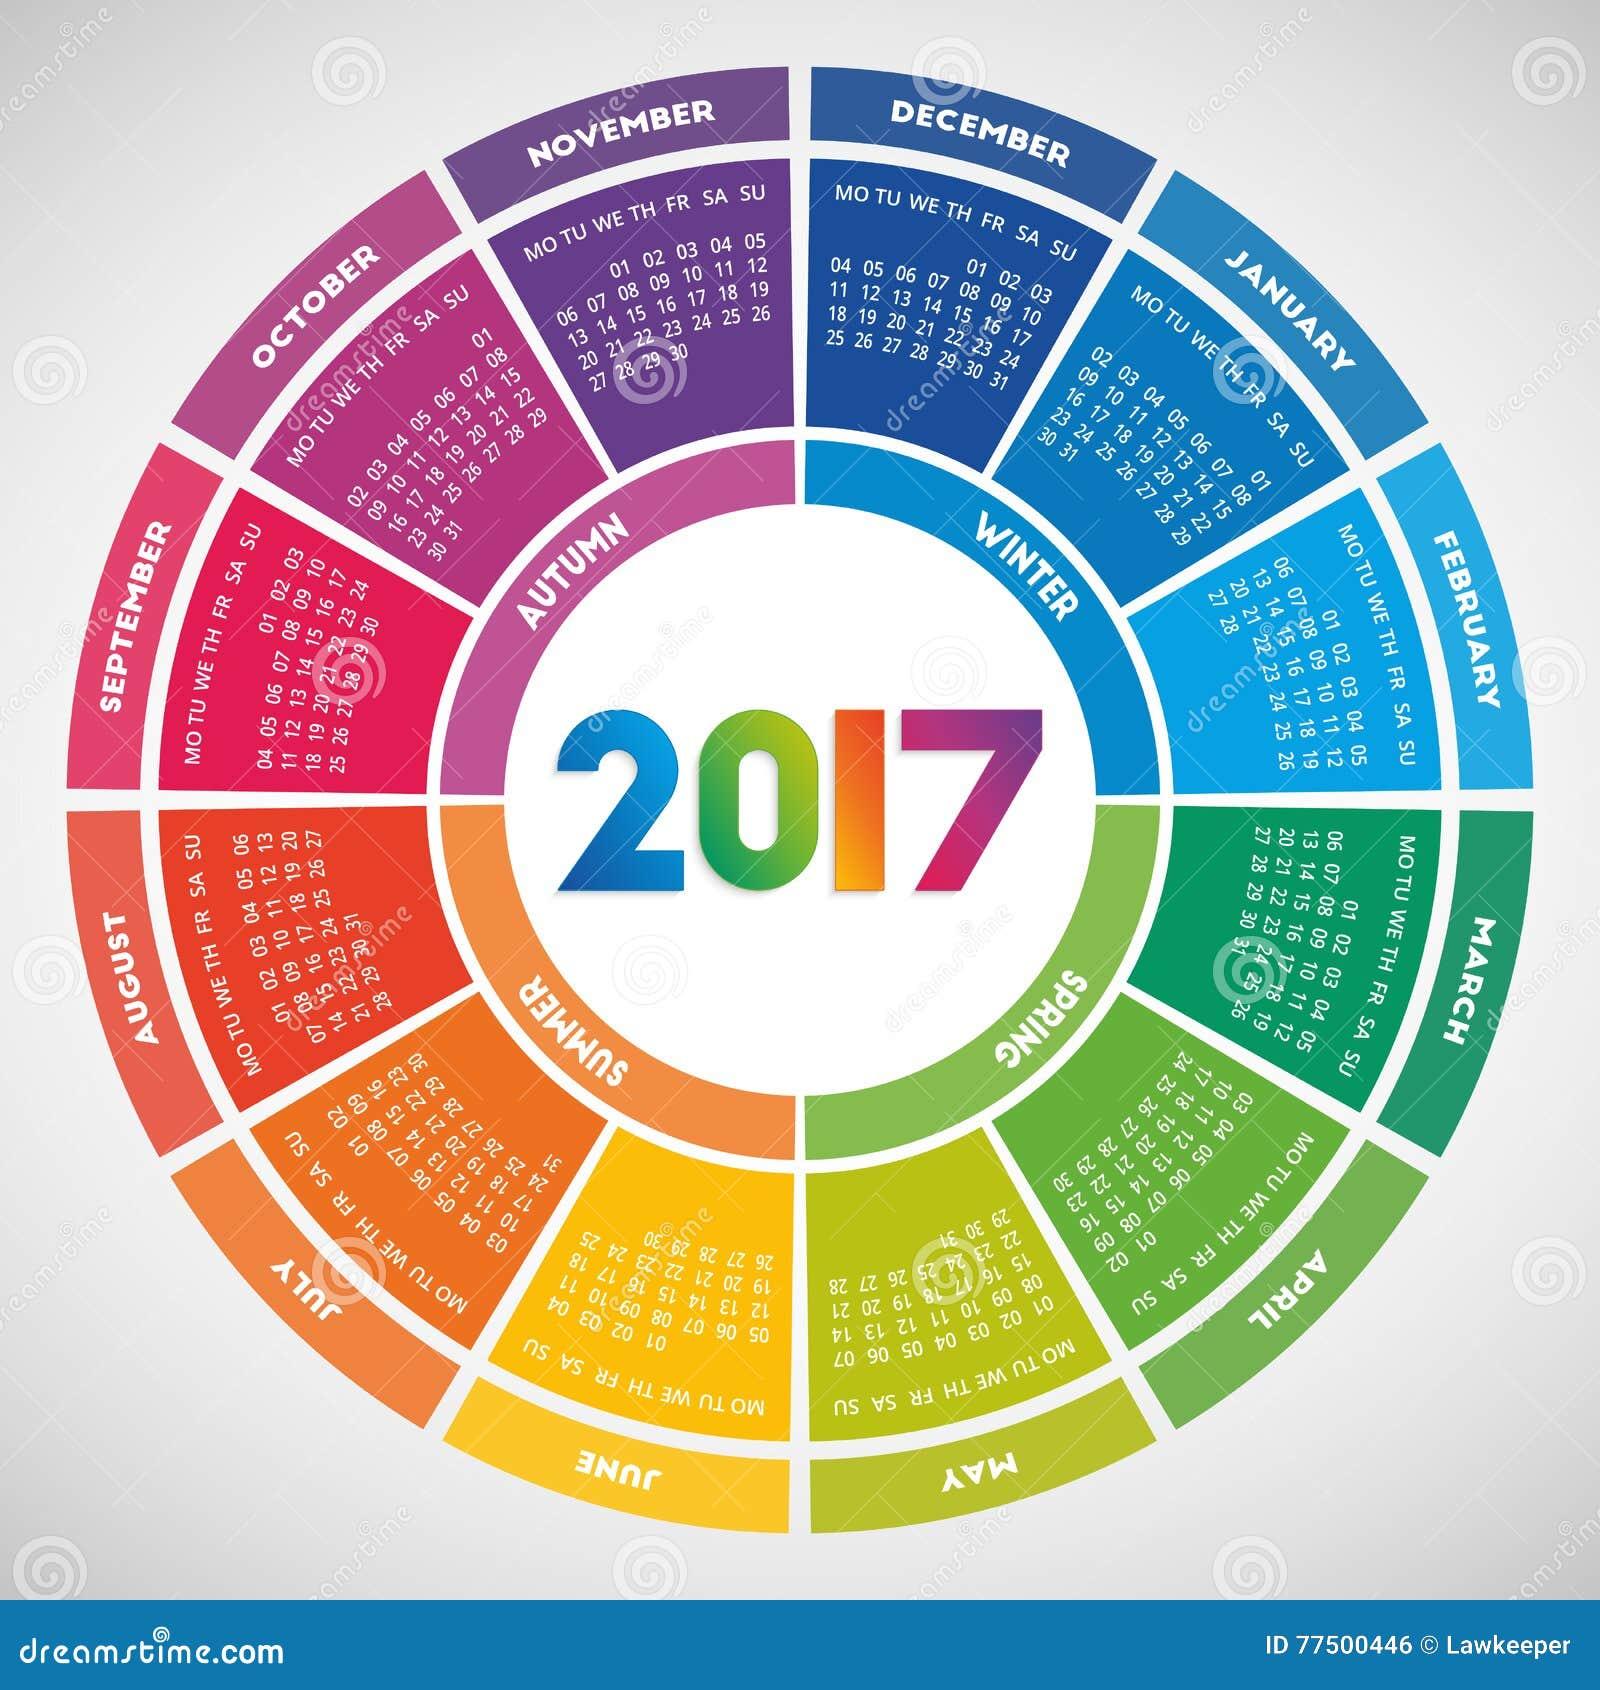 4 month calendar template